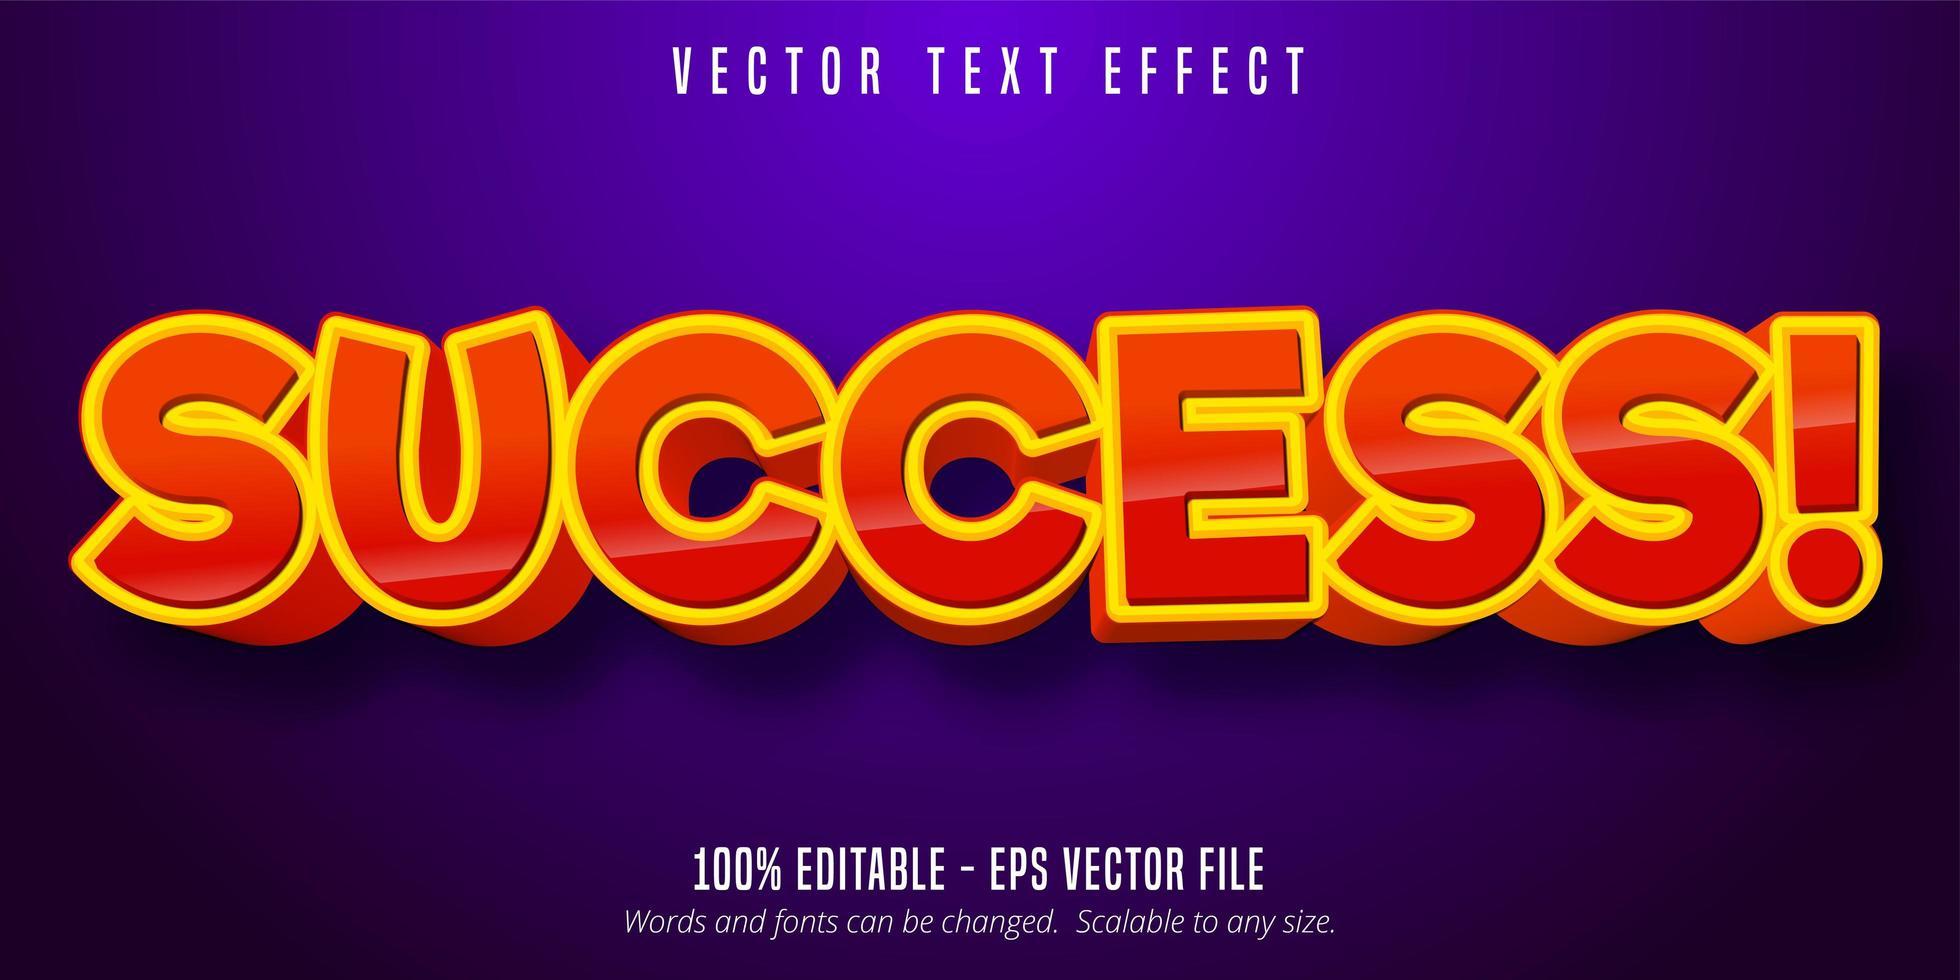 efecto de texto editable de estilo cómico rojo naranja éxito vector